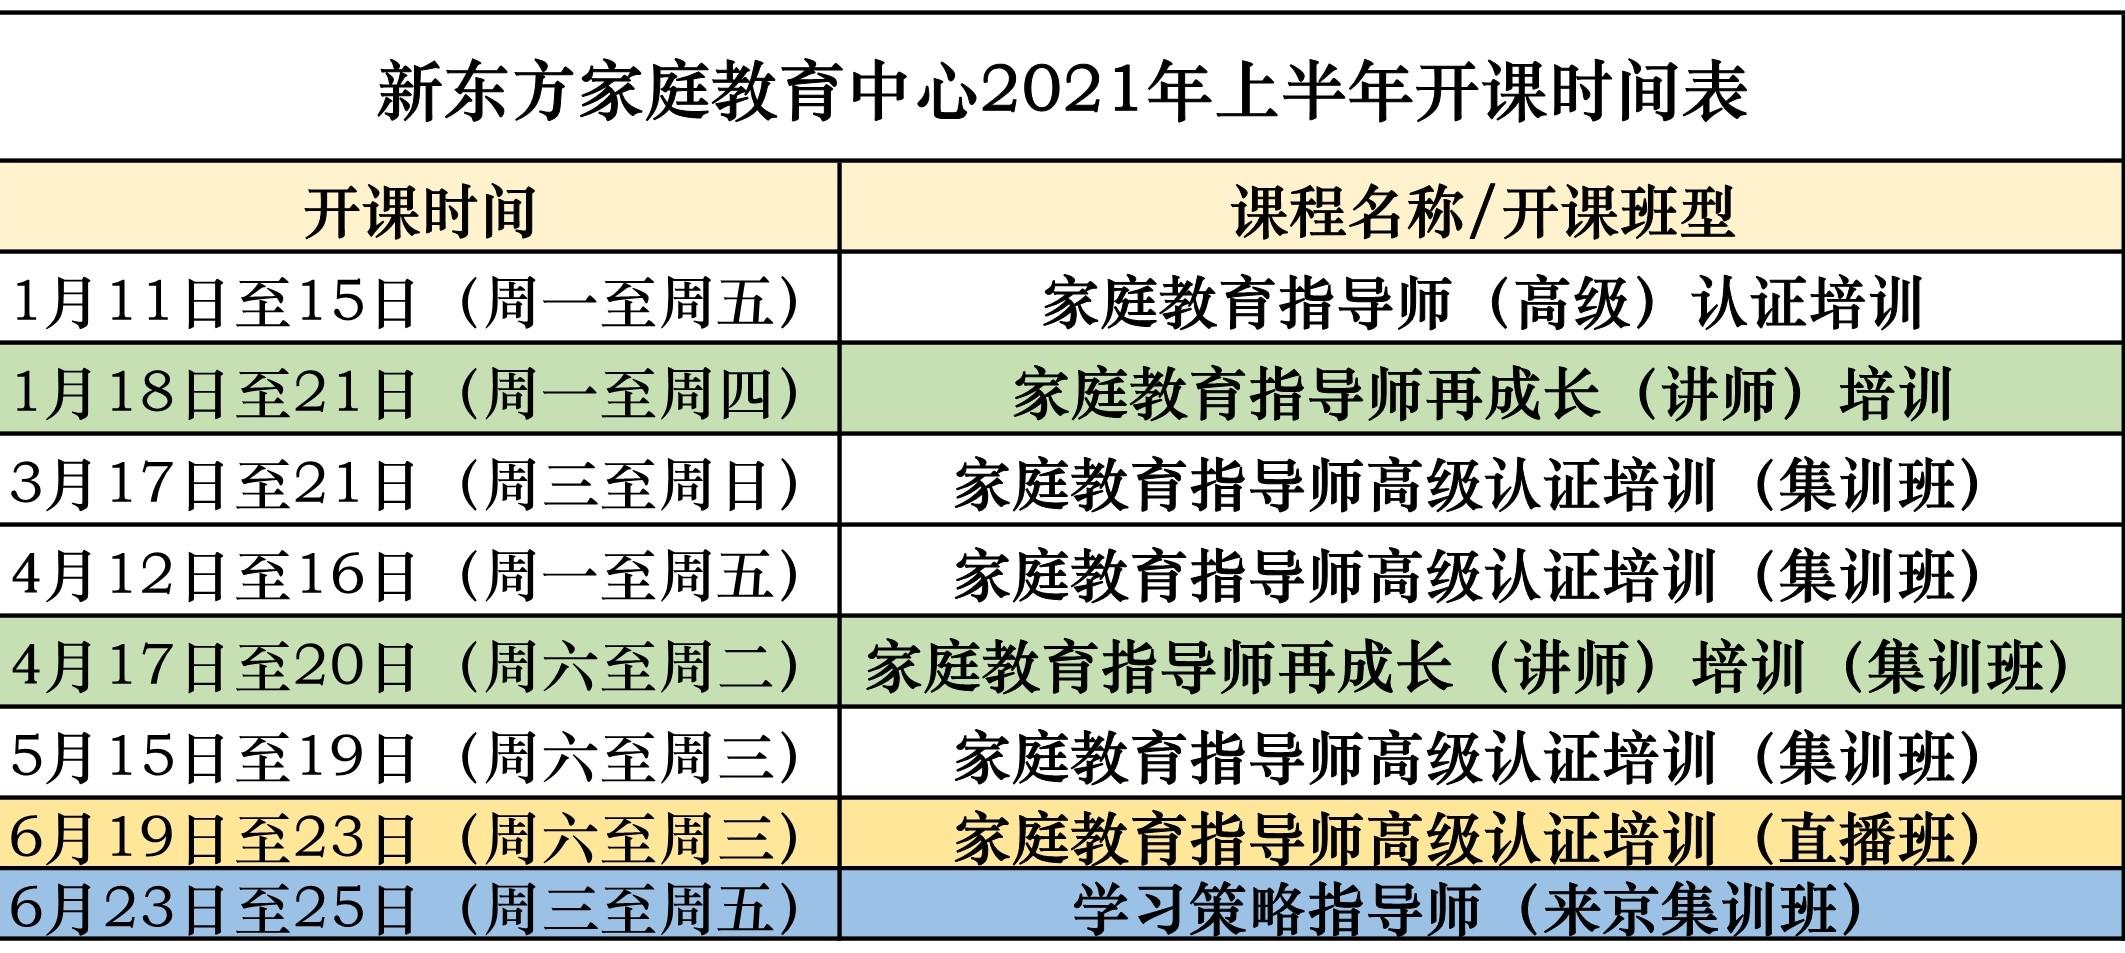 2020-2021年开课时间表_1.jpg